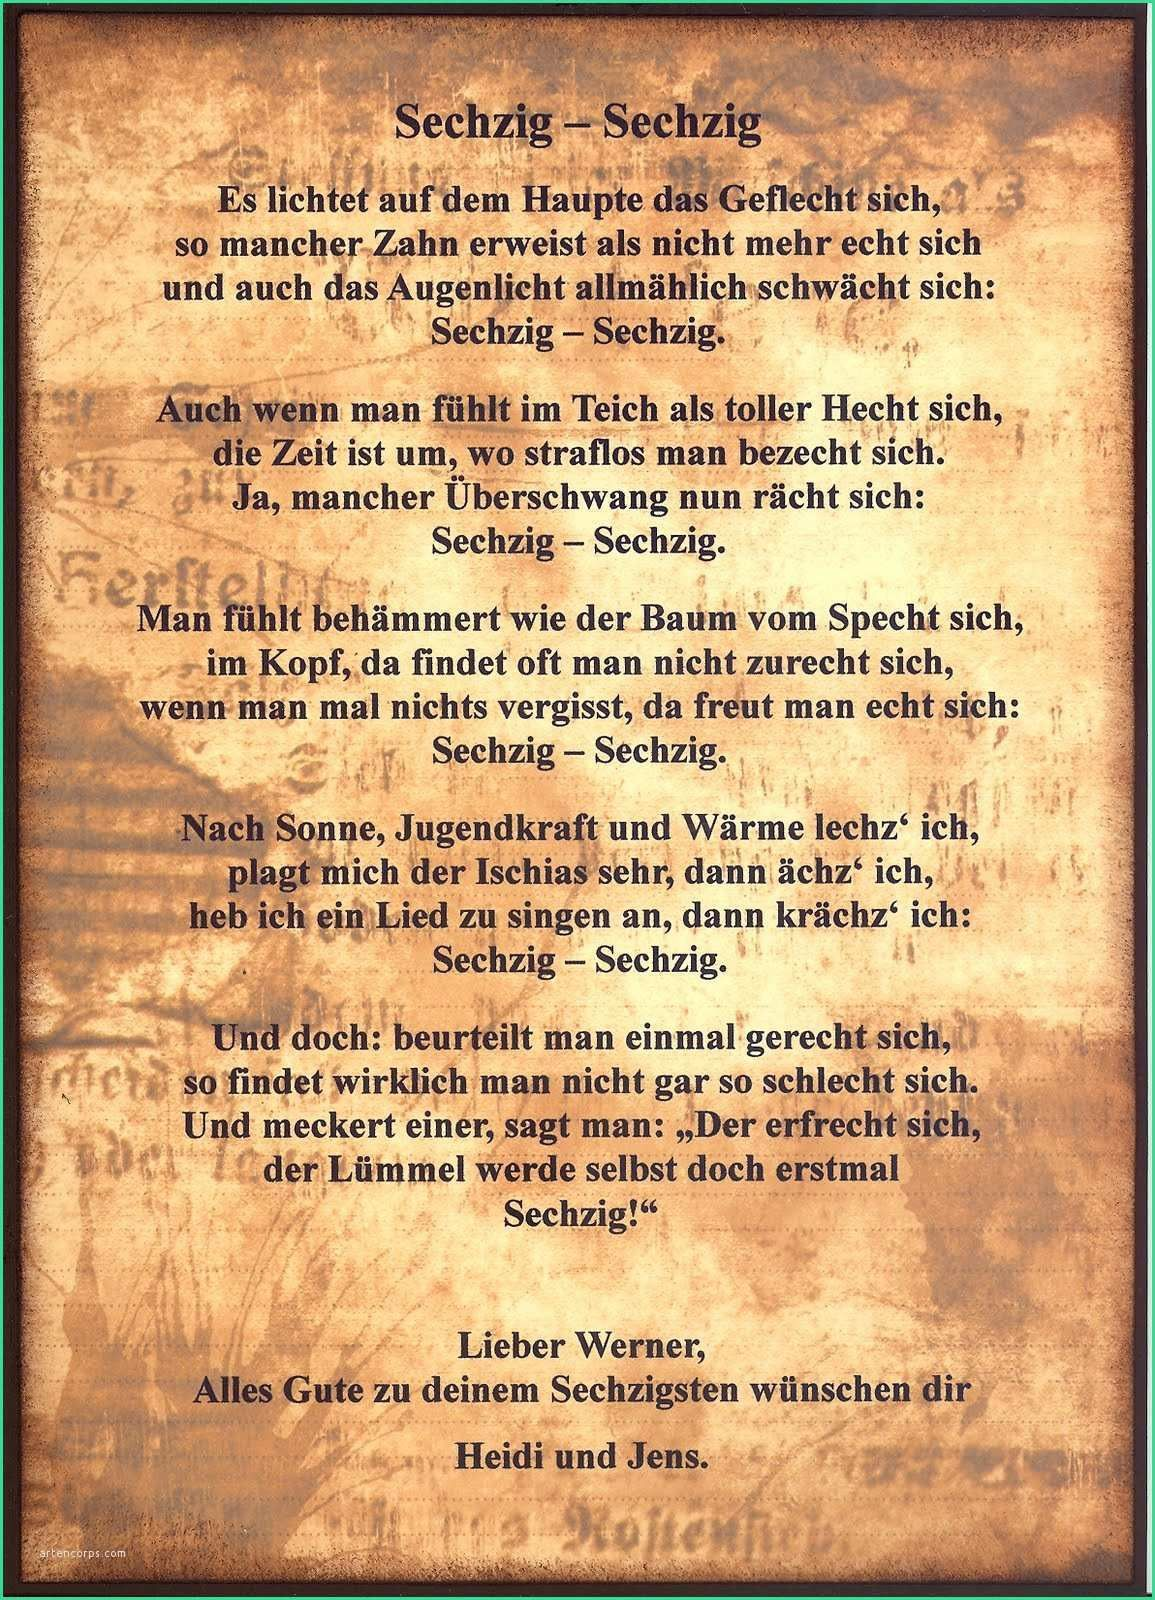 Lustige Geburtstagswunsche Fur Opa Luxury Gedicht 70 Geburtstag Opa Lustig Prettier Gedicht G Geburtstagsgedicht Lustige Geburtstagswunsche 80 Geburtstag Opa